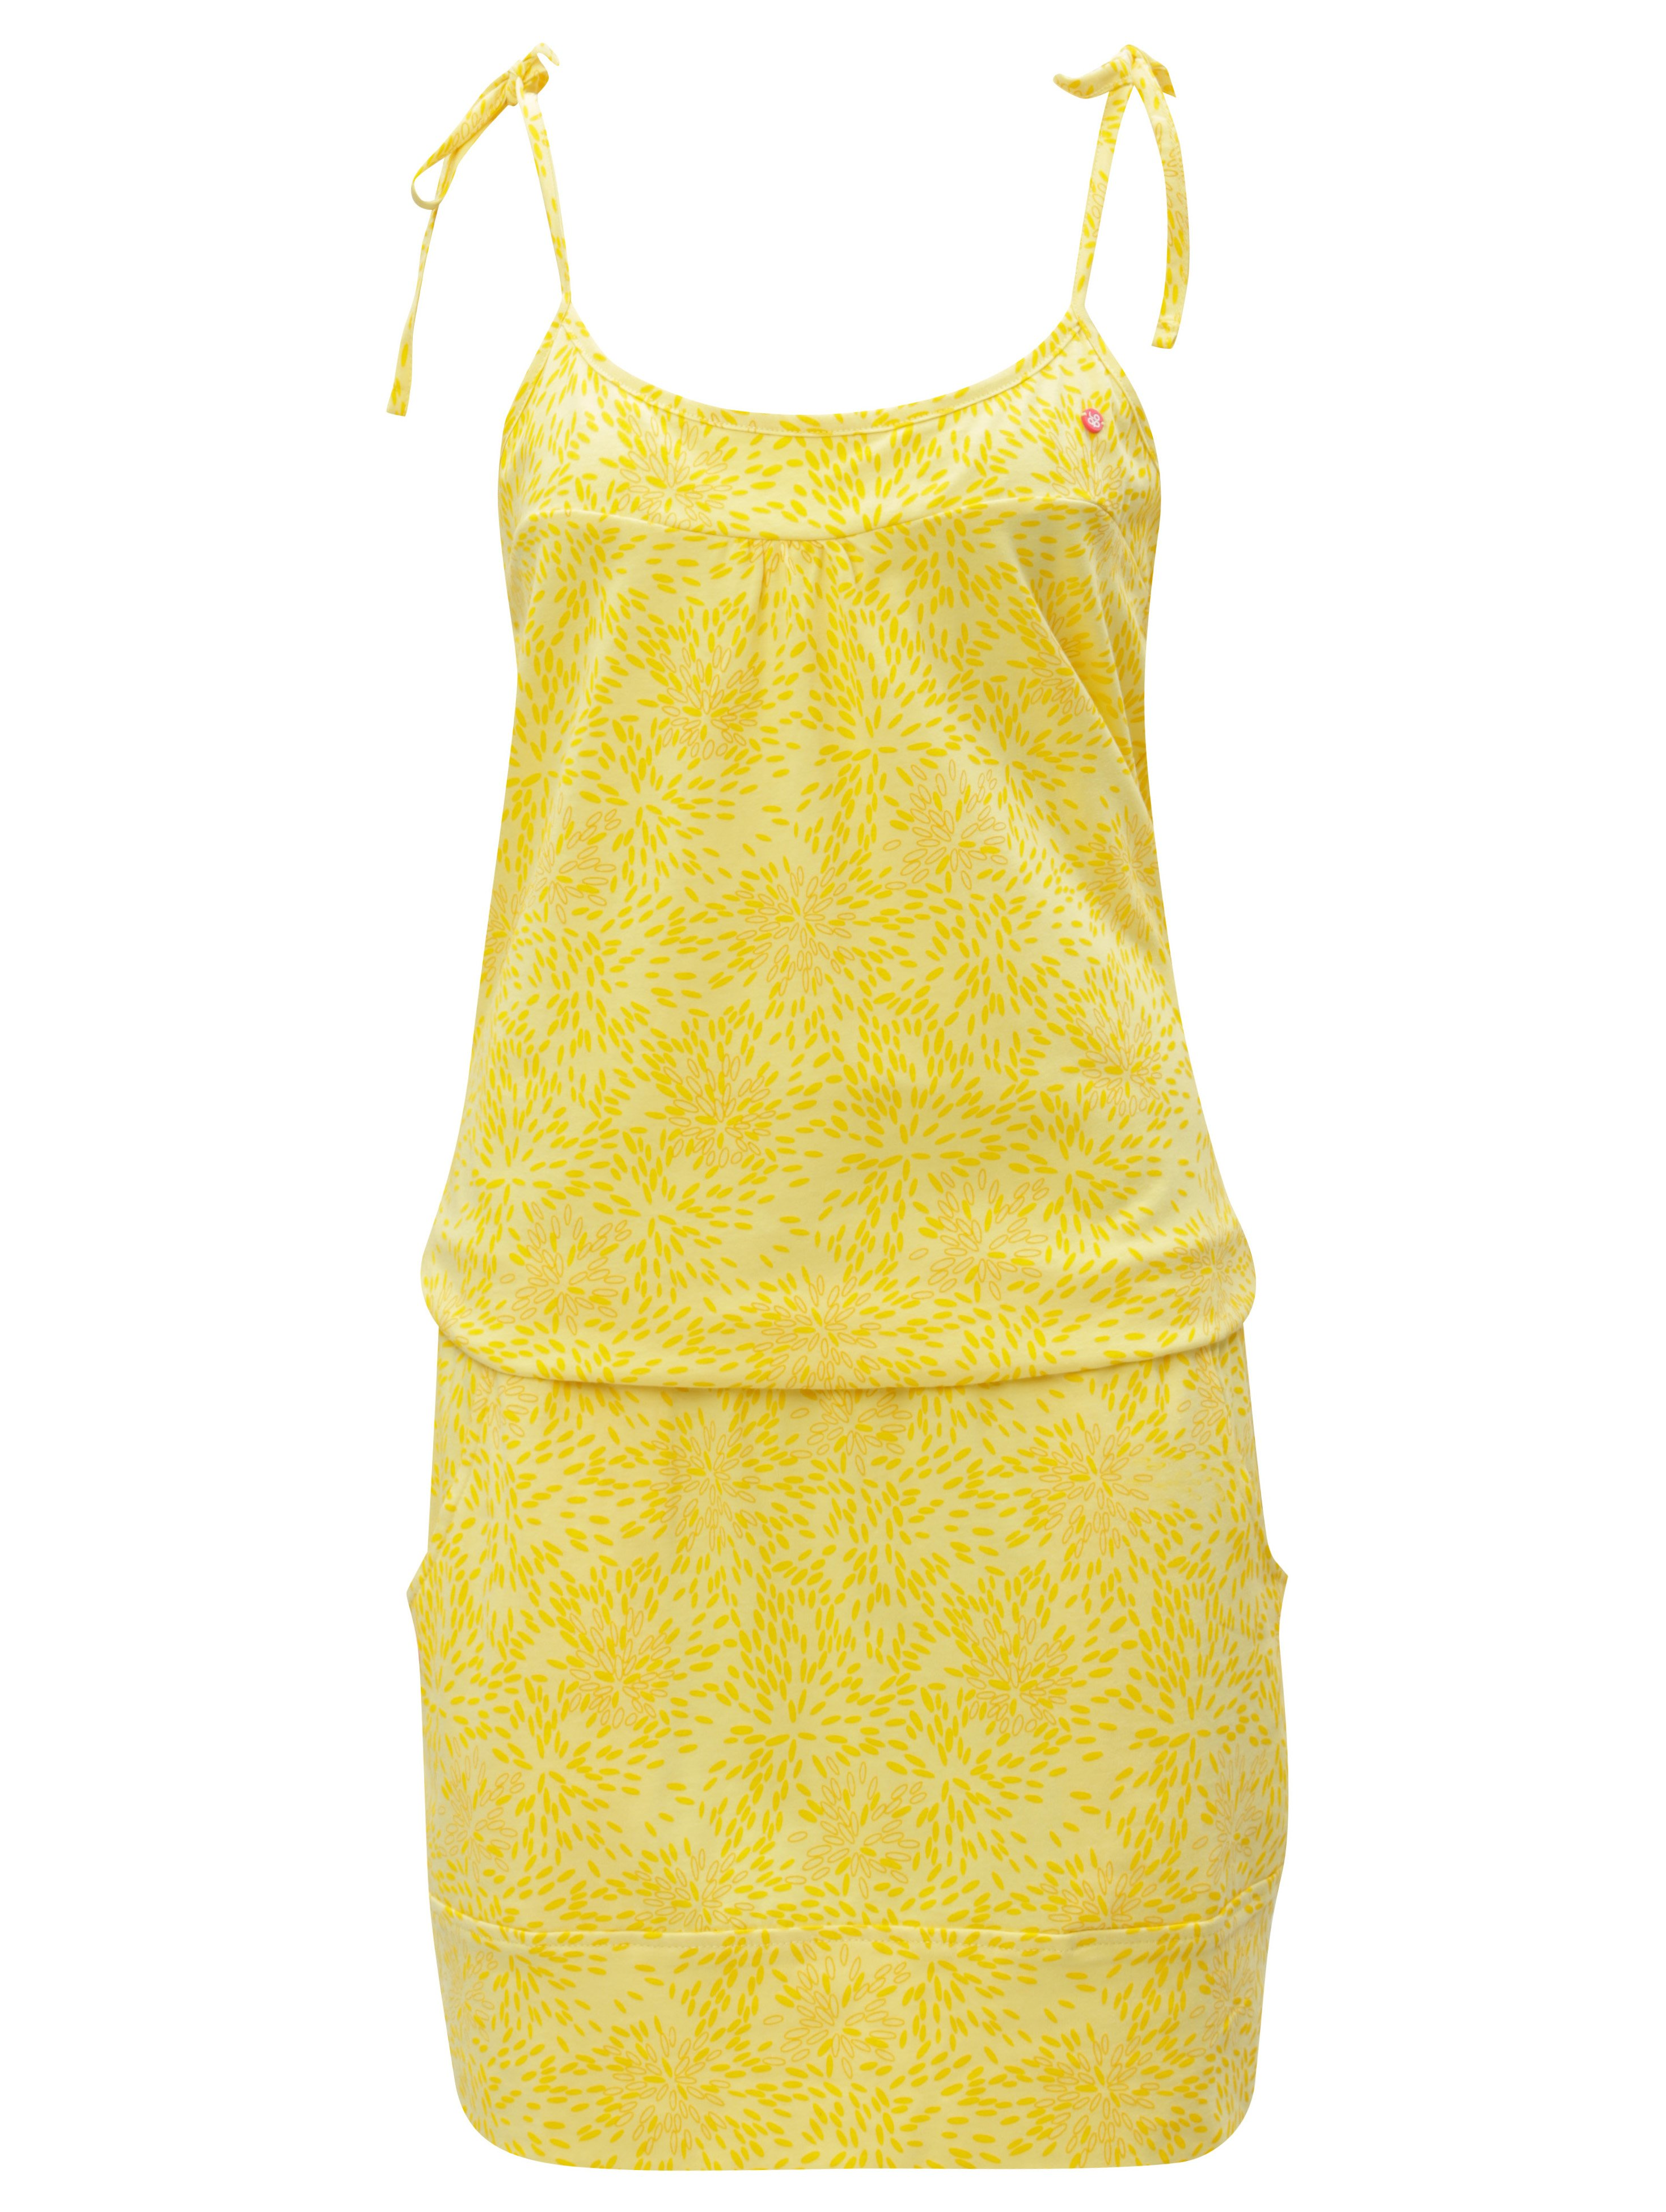 Oranžovo-žluté vzorované šaty s kapsami LOAP Amie